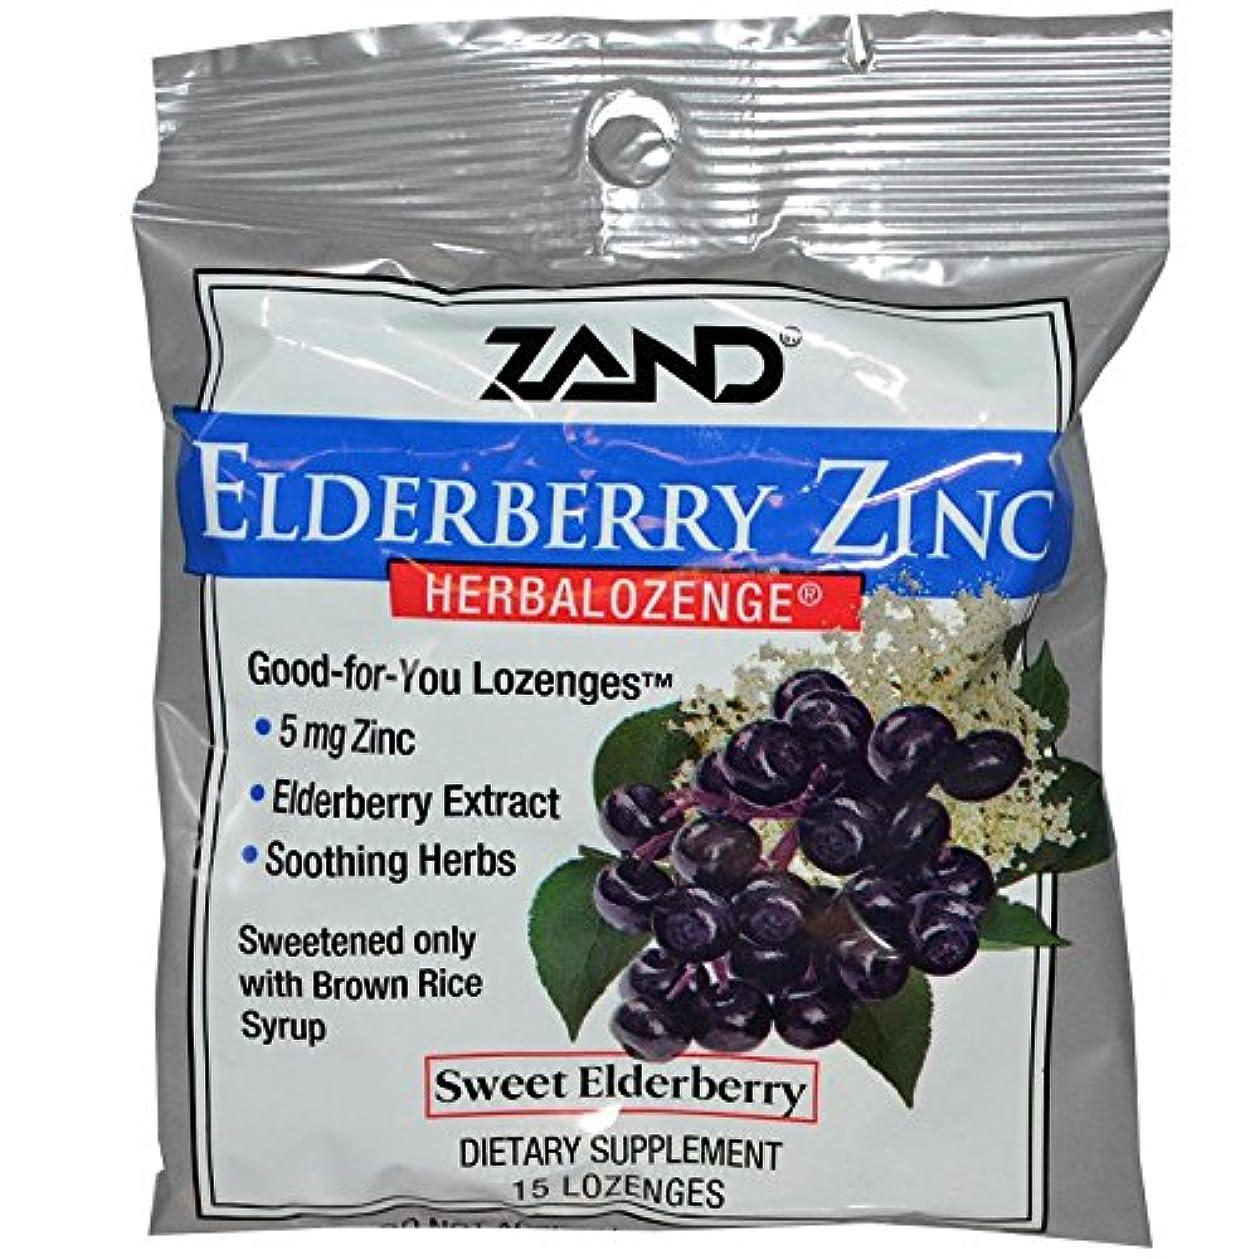 ルビーモードするだろうZand, Elderberry Zinc、Herbalozenge、エルダーベリー、キャンディートローチ【2個組】 [並行輸入品]